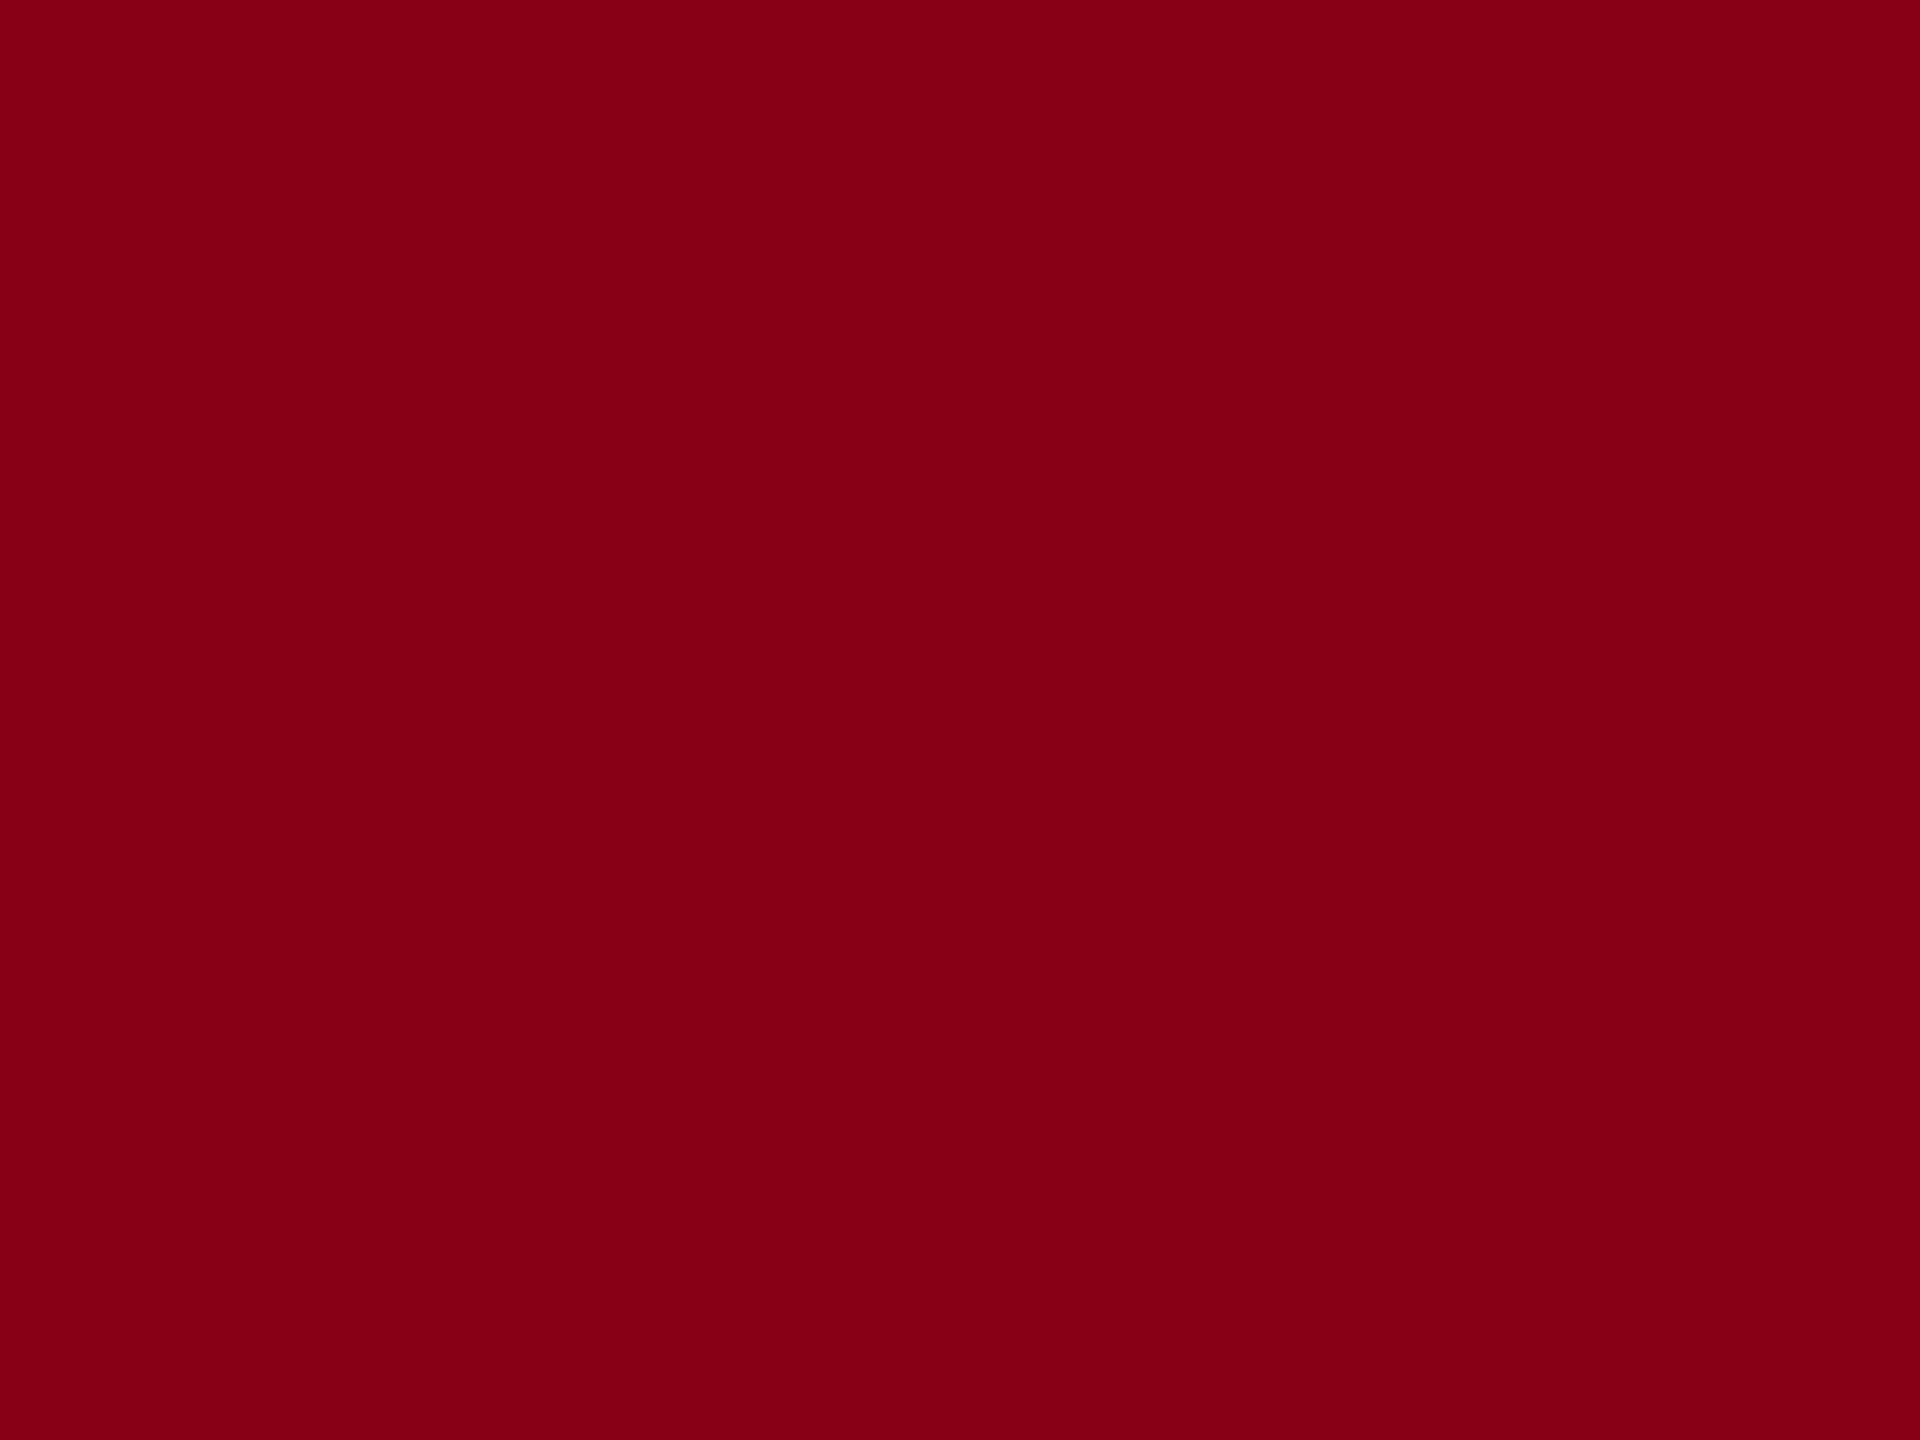 plain red background hd wallpaper wwwpixsharkcom